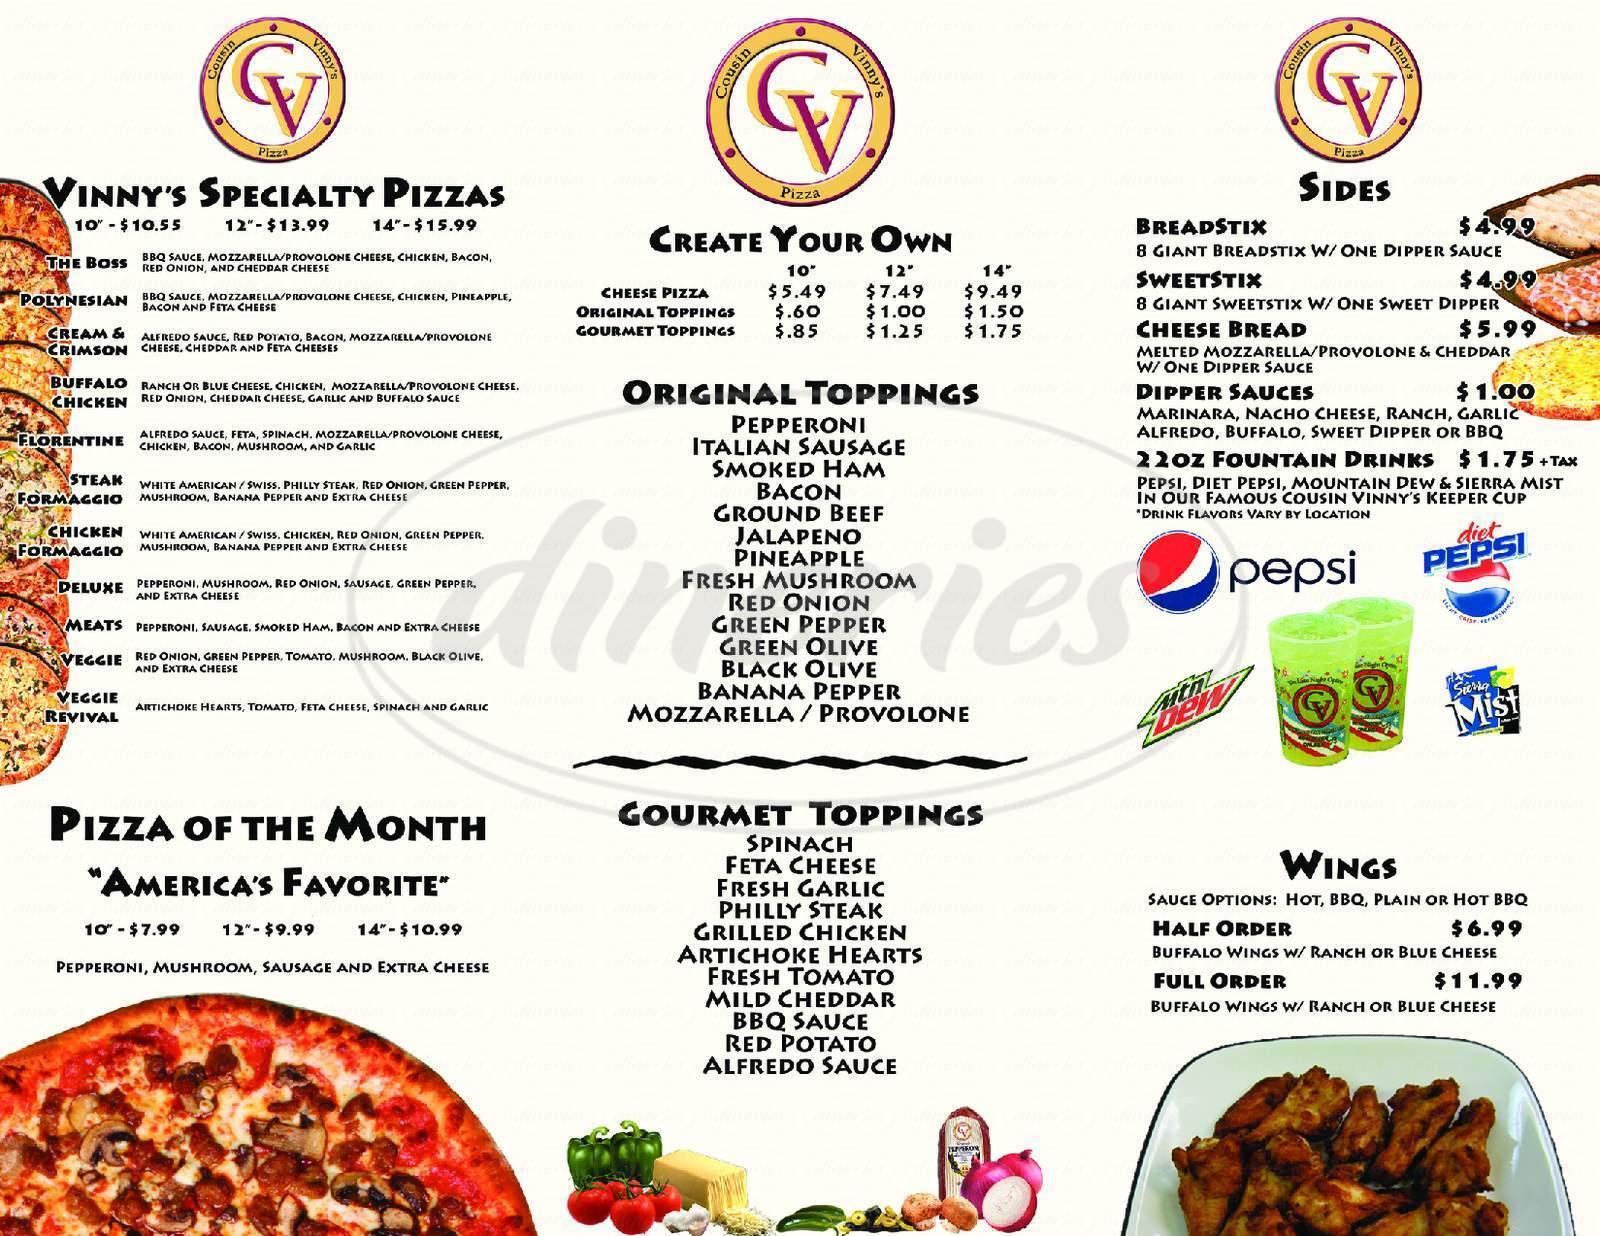 menu for Cousin Vinny